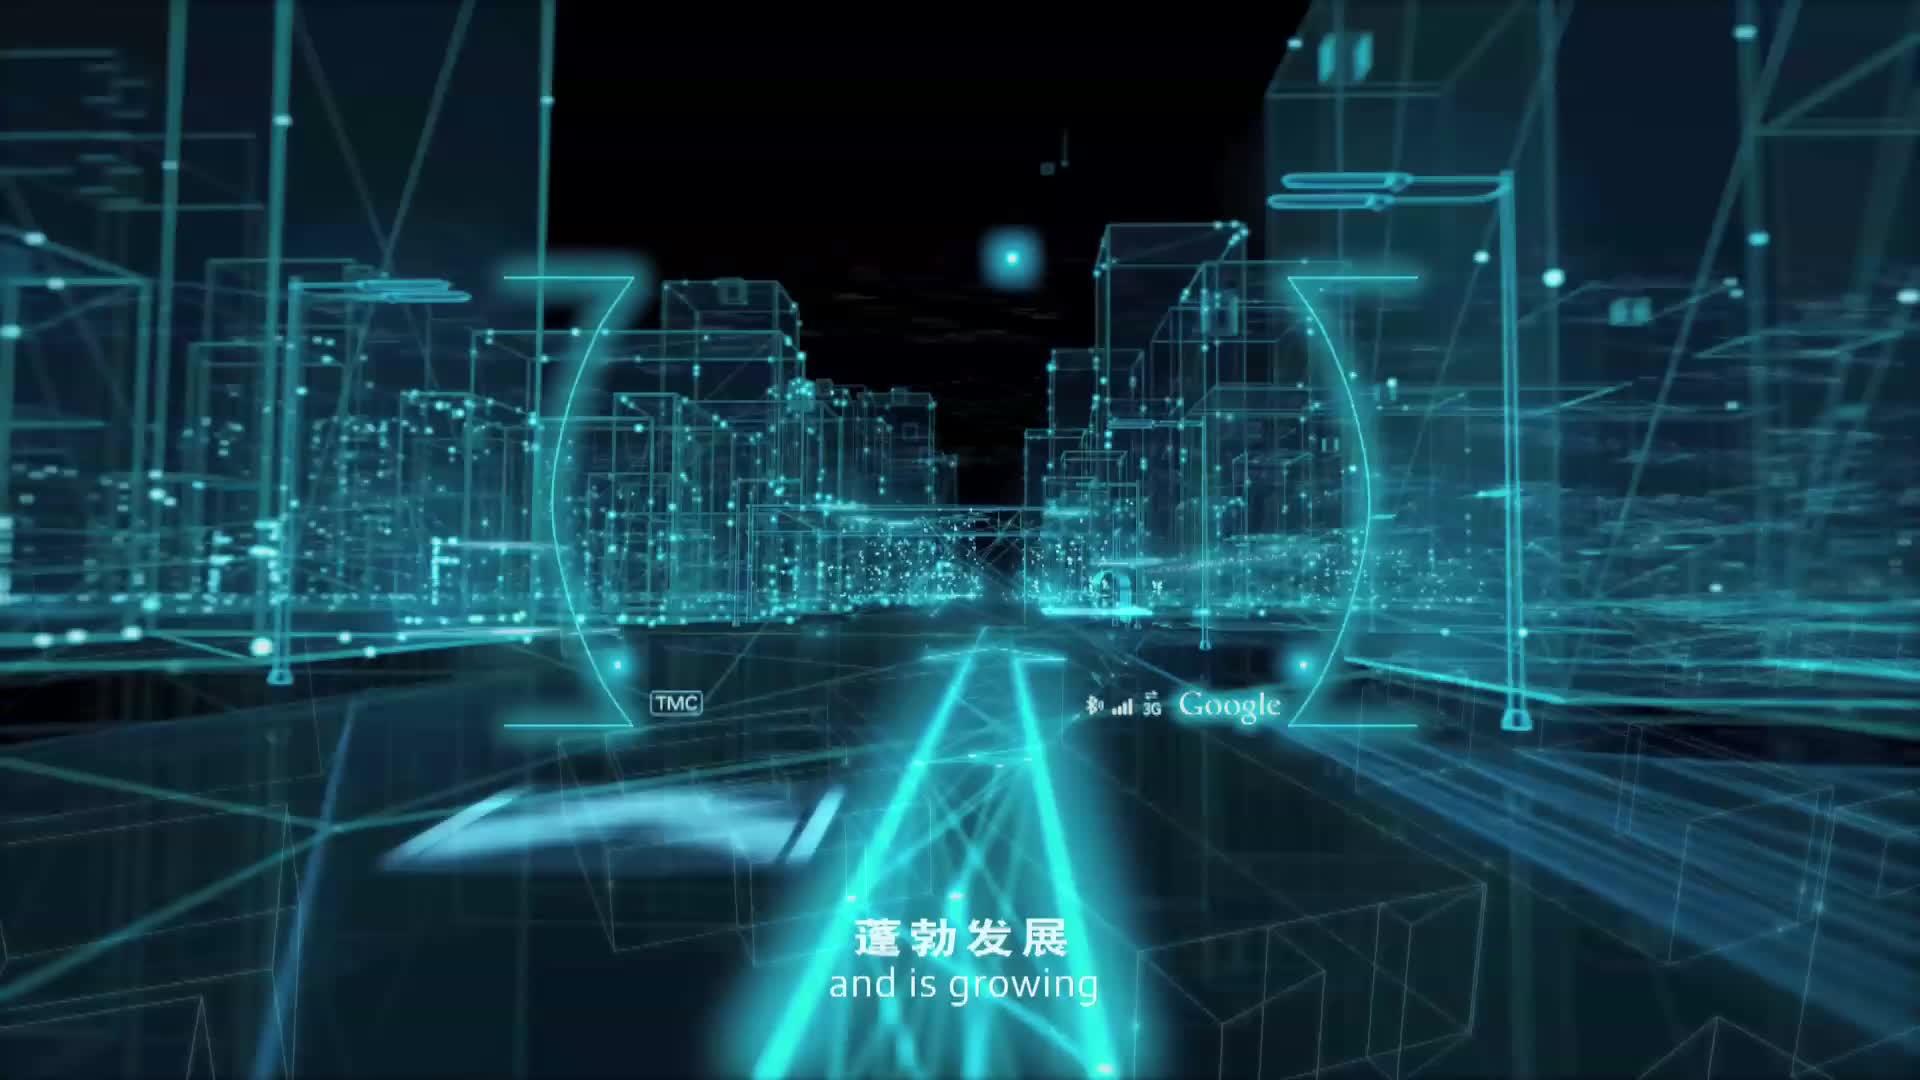 奥迪三大未来科技:尽情科技 尽情未来